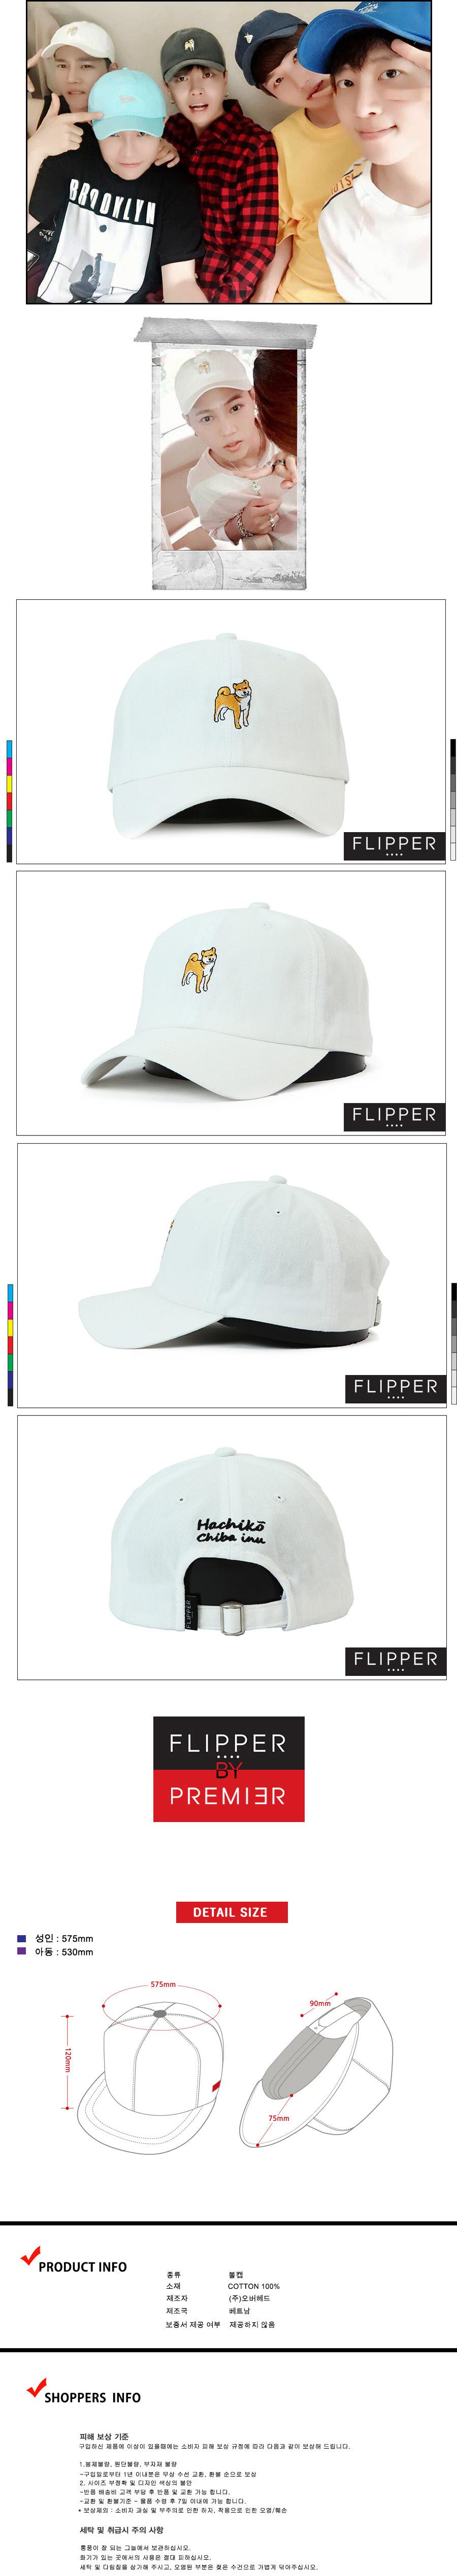 [ PREMIER ] [卓越]翻转球帽千叶暗喻的白色(FL150)